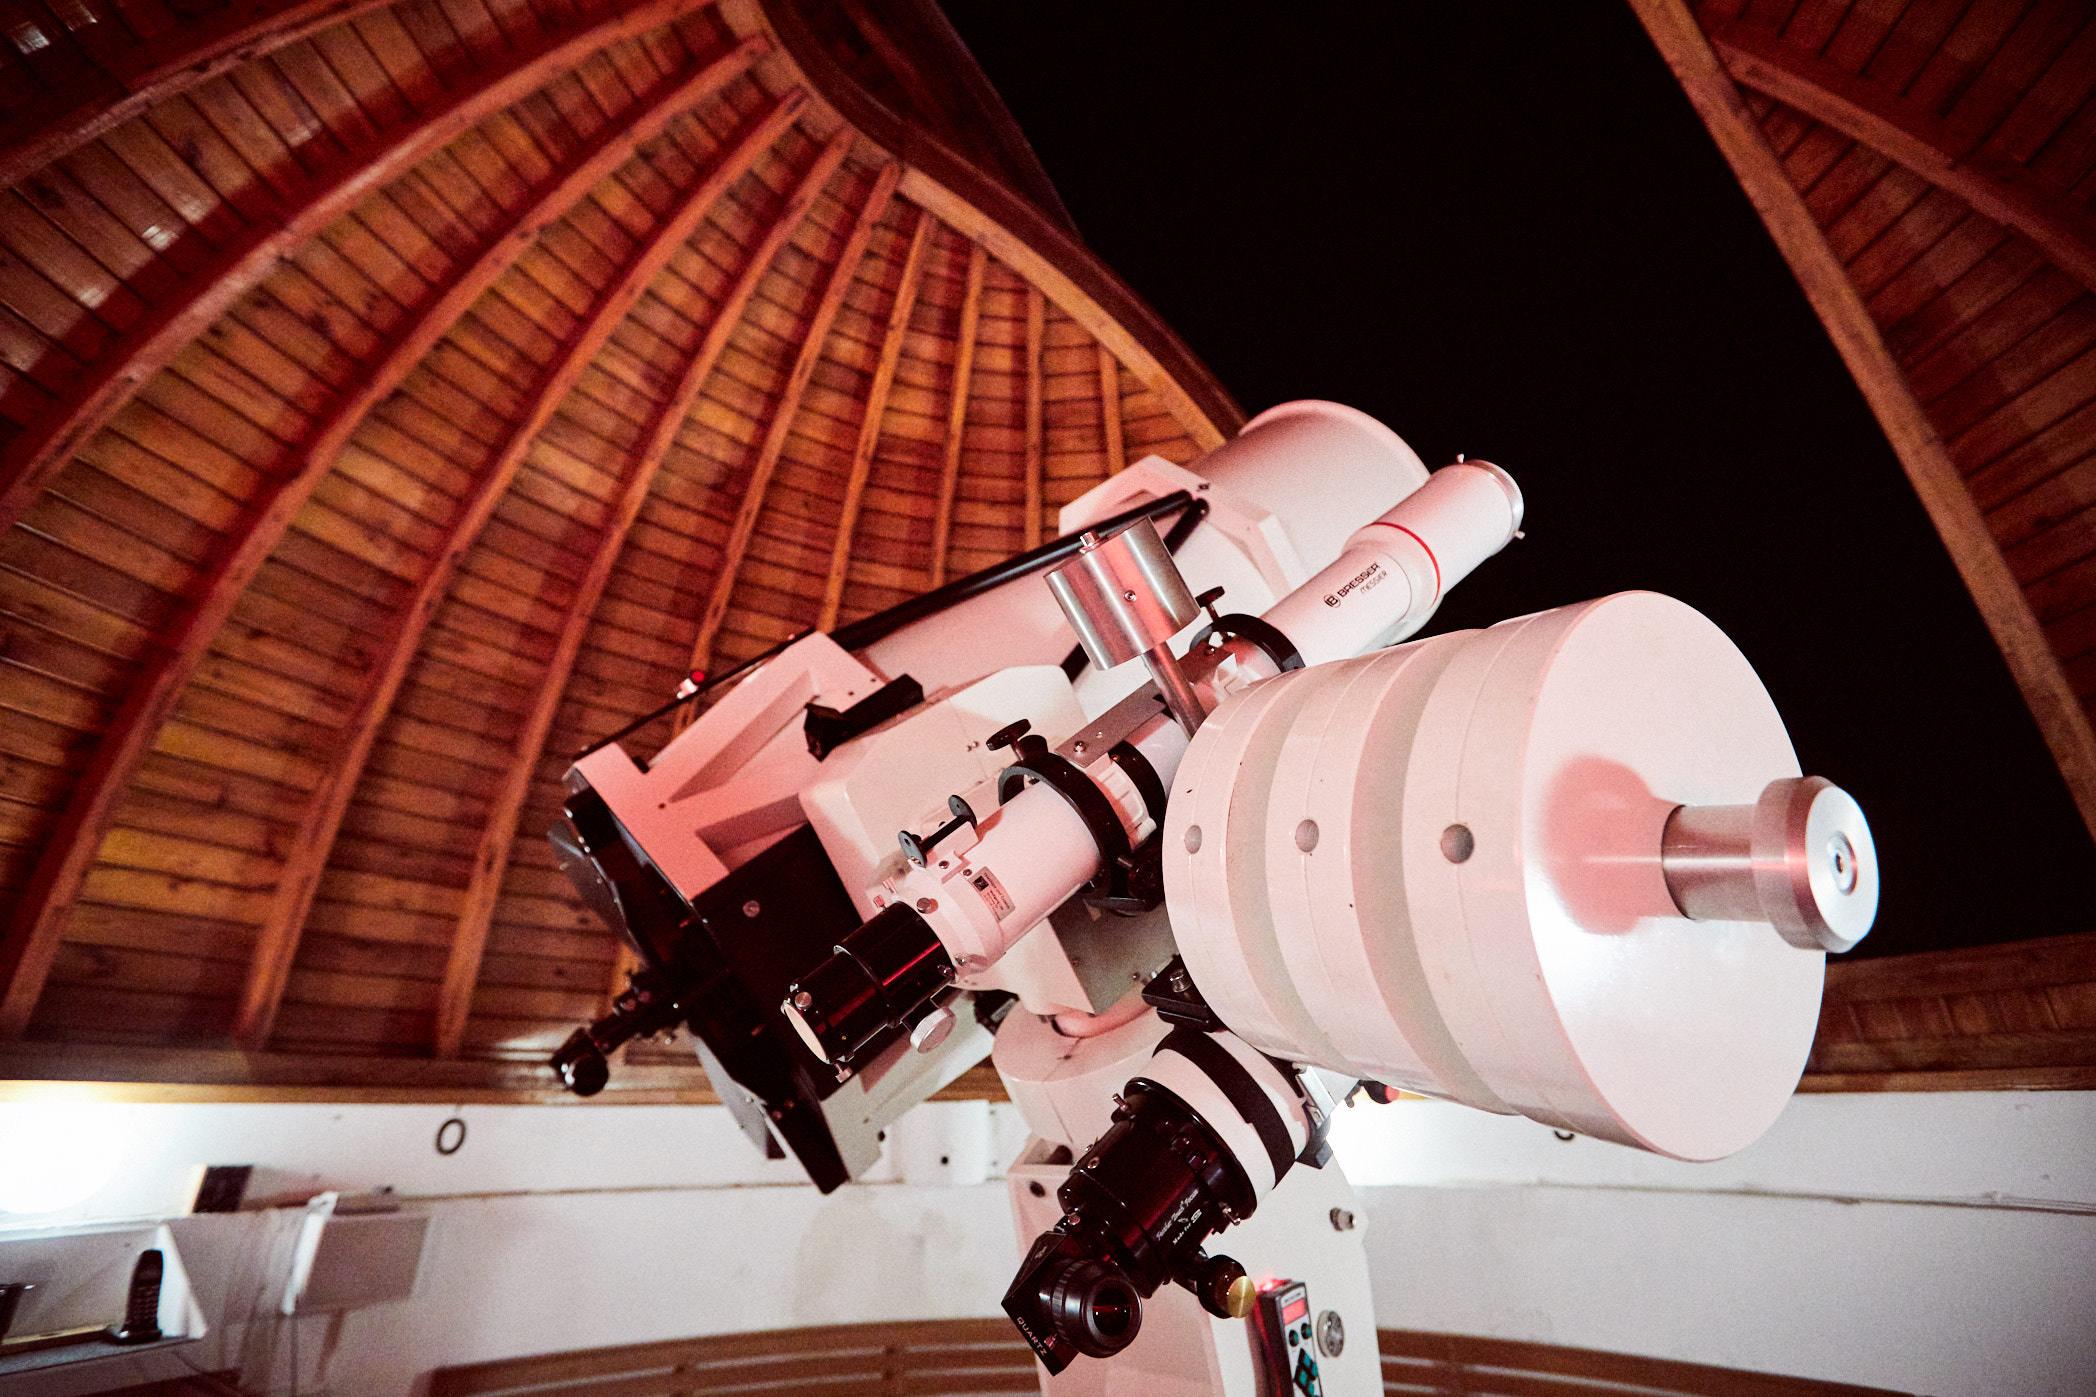 kuppel Cologne Large Telescope volkssternwarte köln